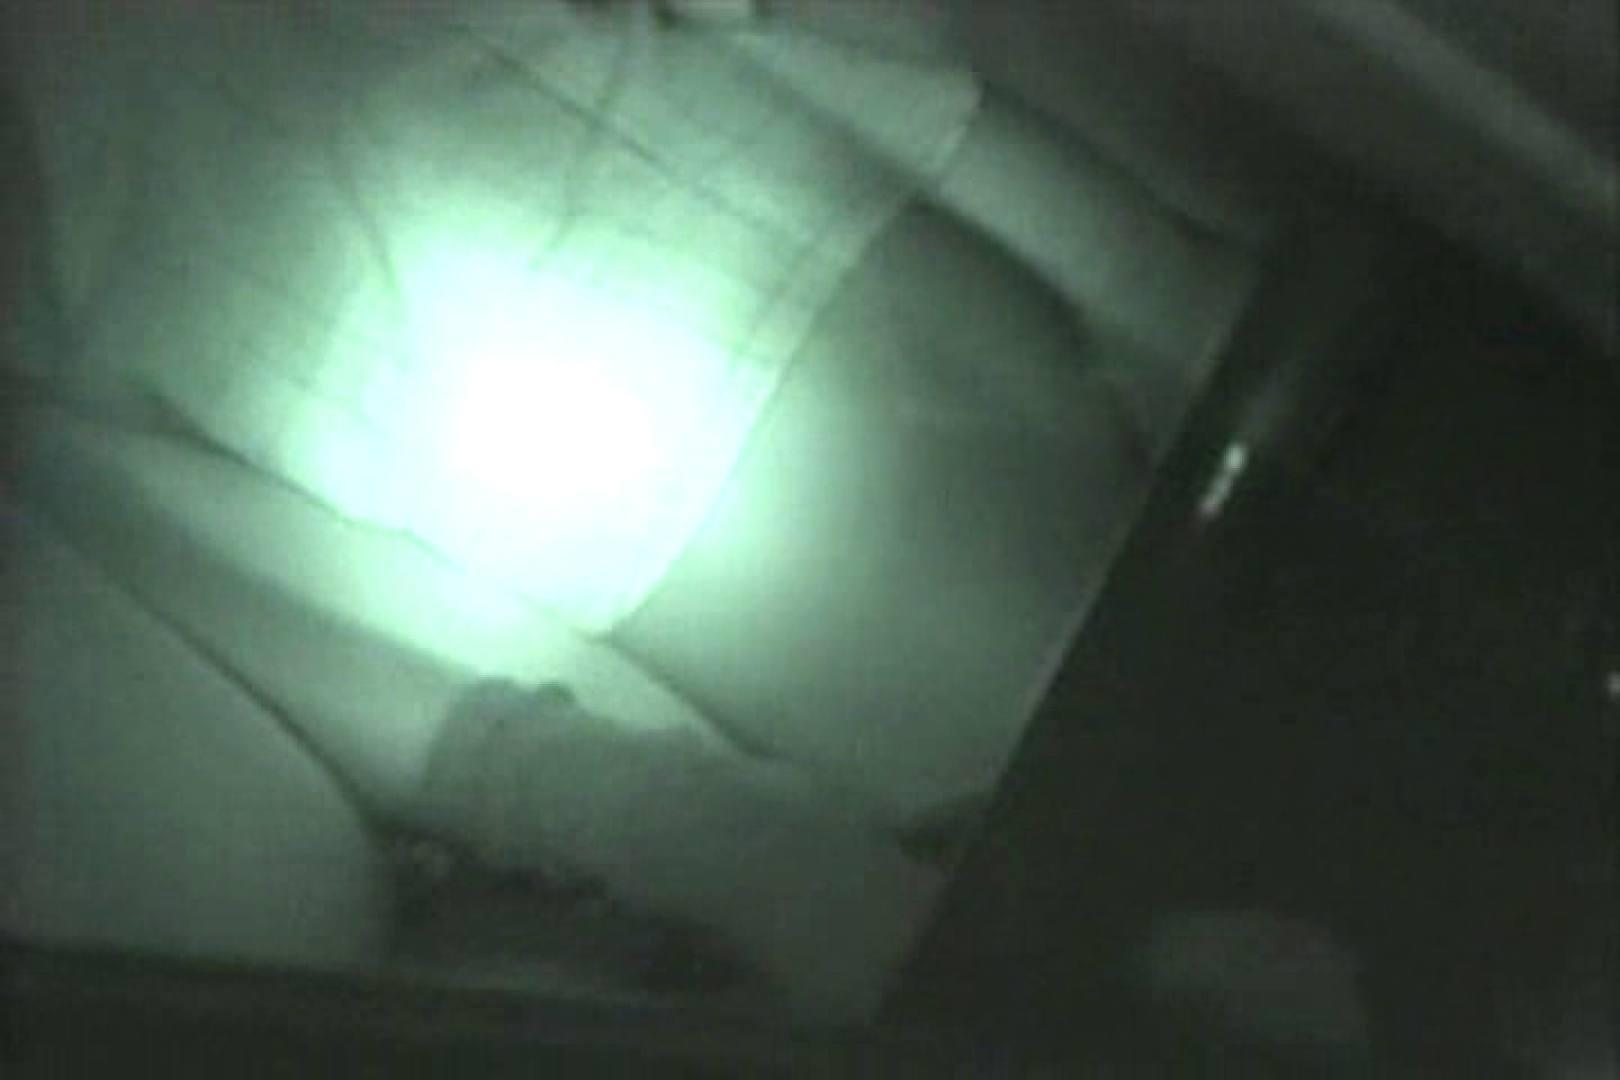 蔵出し!!赤外線カーセックスVol.6 美しいOLの裸体 オメコ動画キャプチャ 73pic 32